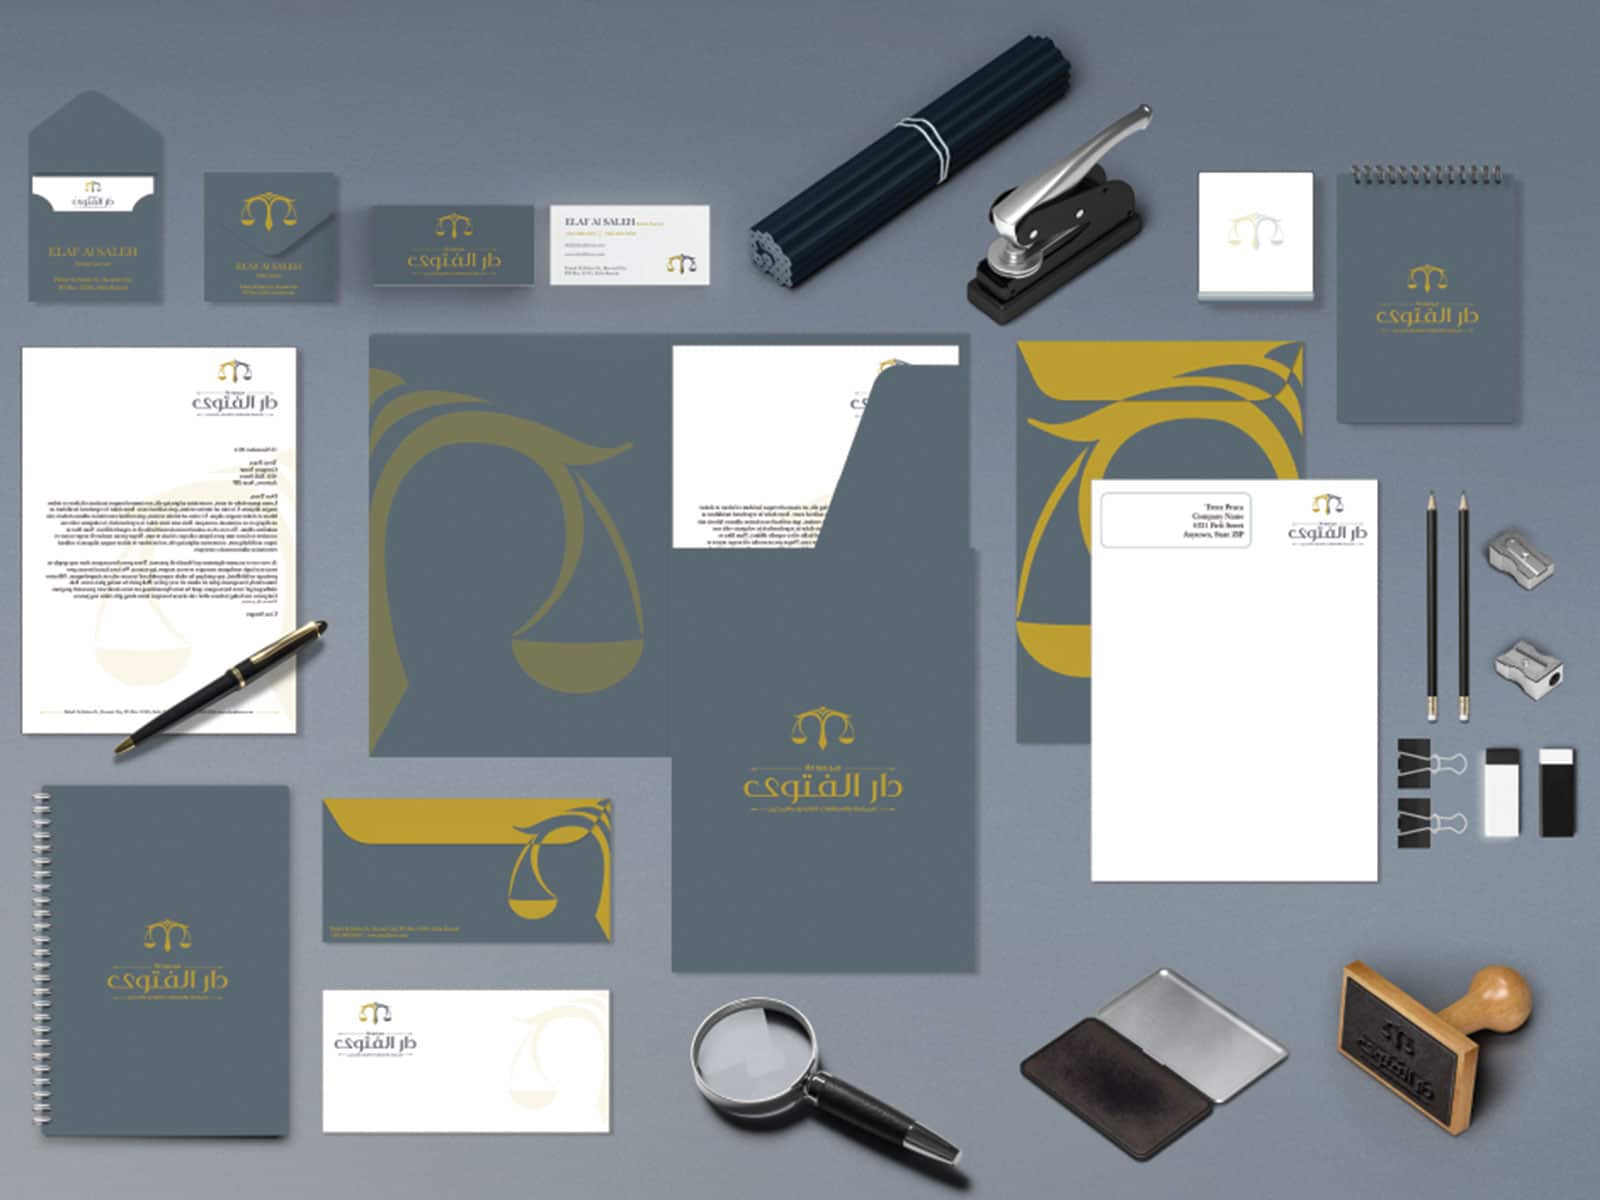 inkservice-ourwork-card_kuwait